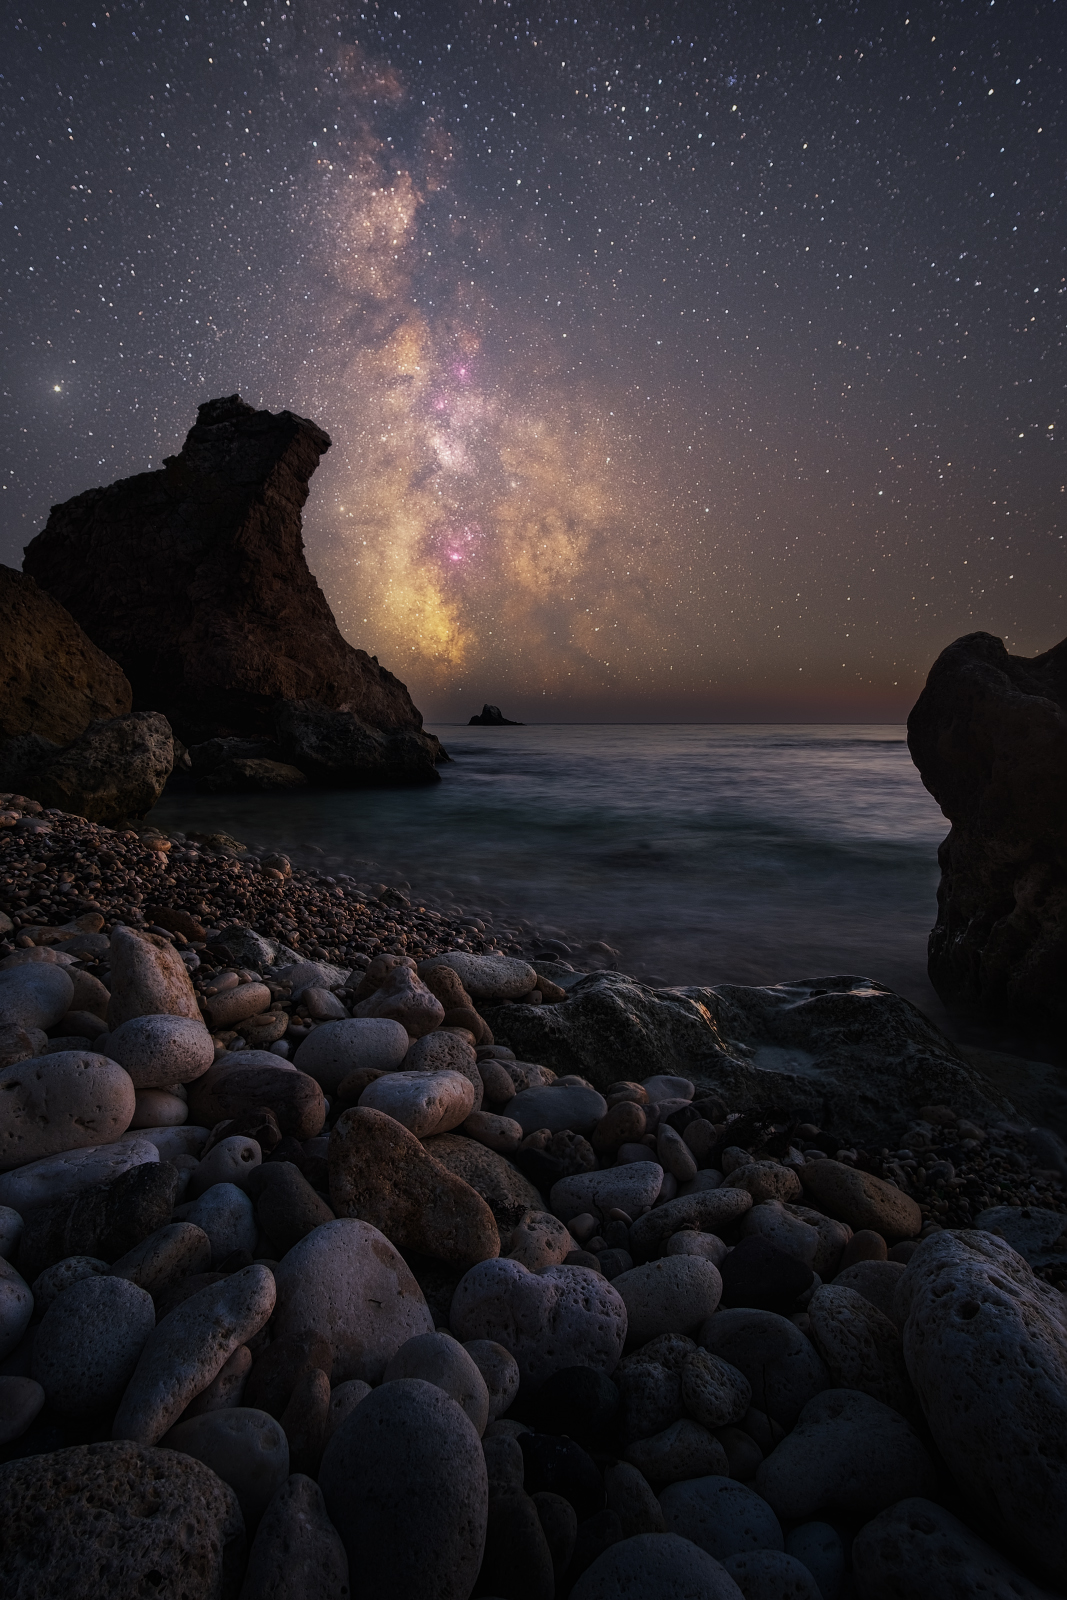 ночь,звезды, астро, млечный путь, milky way, крым, юбк, черное море, фиолент, осень, Желтов Глеб